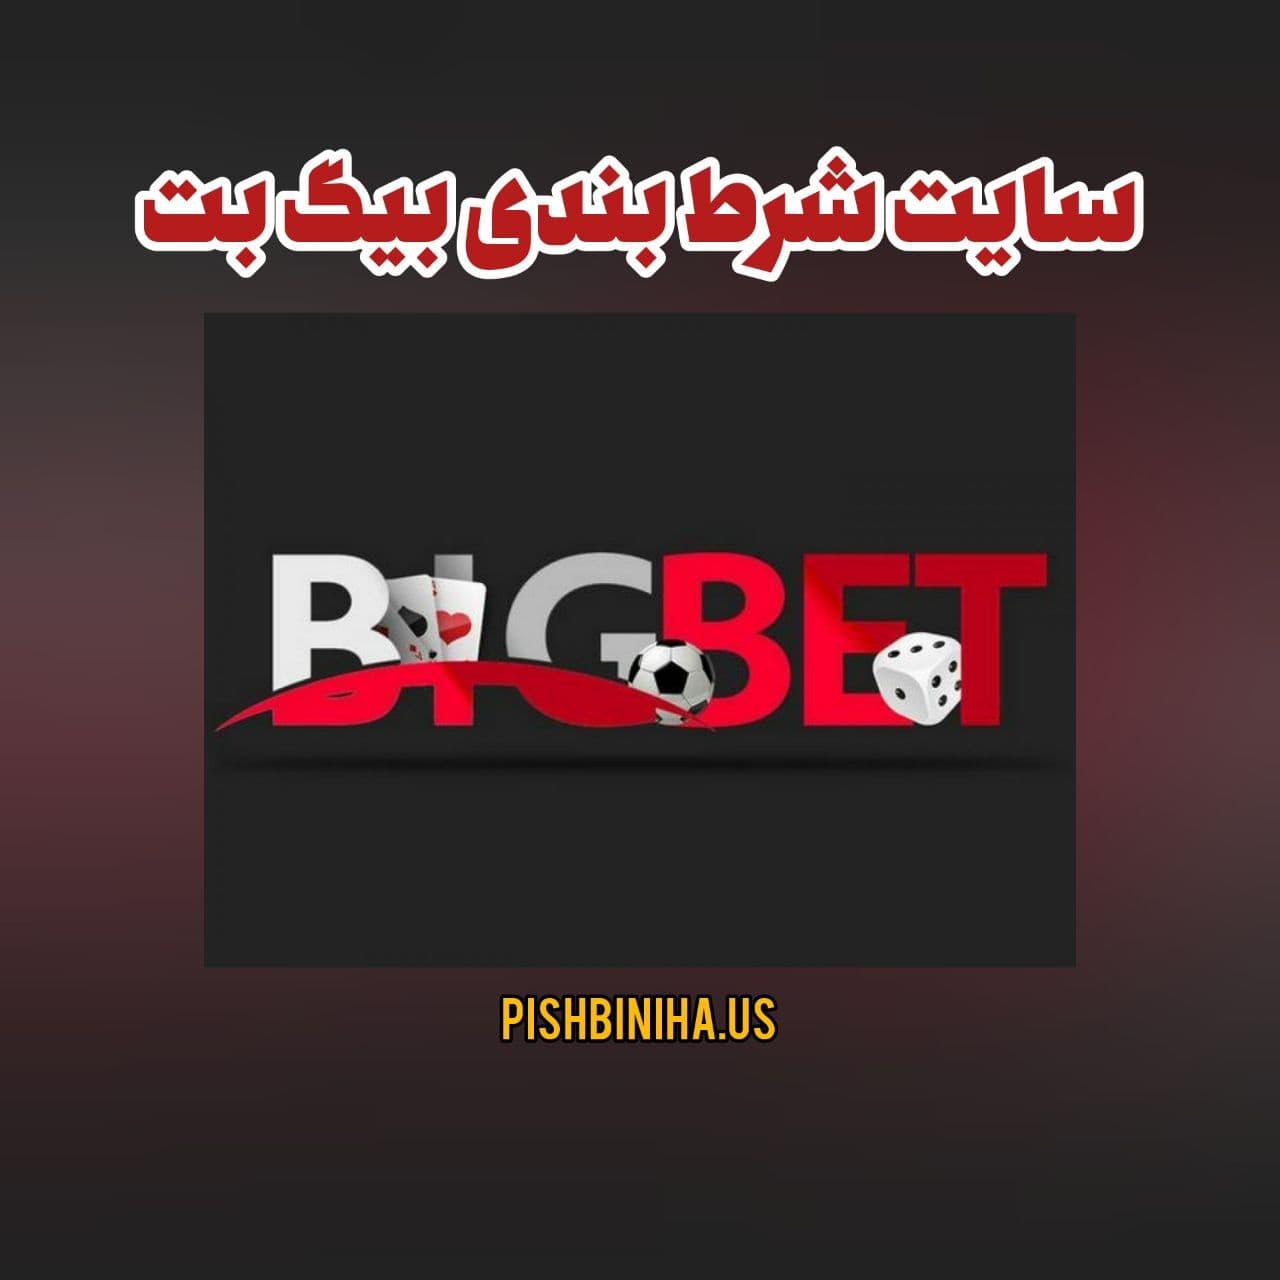 BigBet | سایت شرط بندی بیگ بت